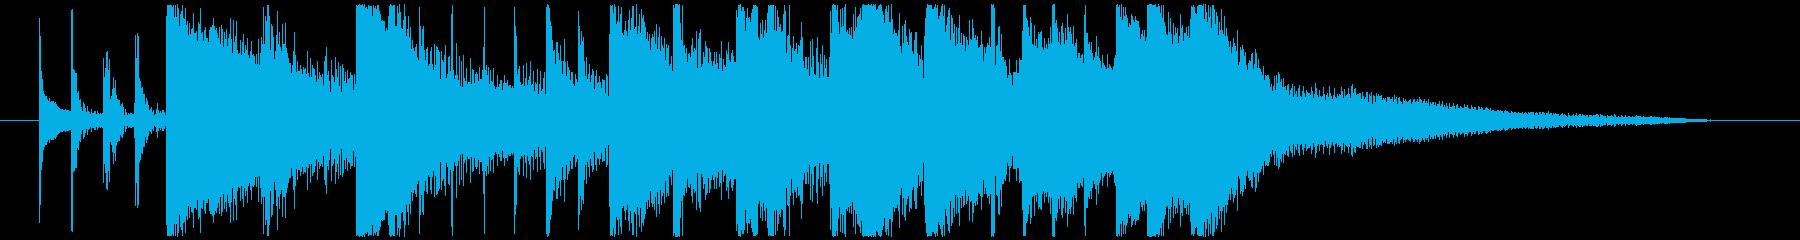 シタールによるインド風妖艶なロゴAの再生済みの波形